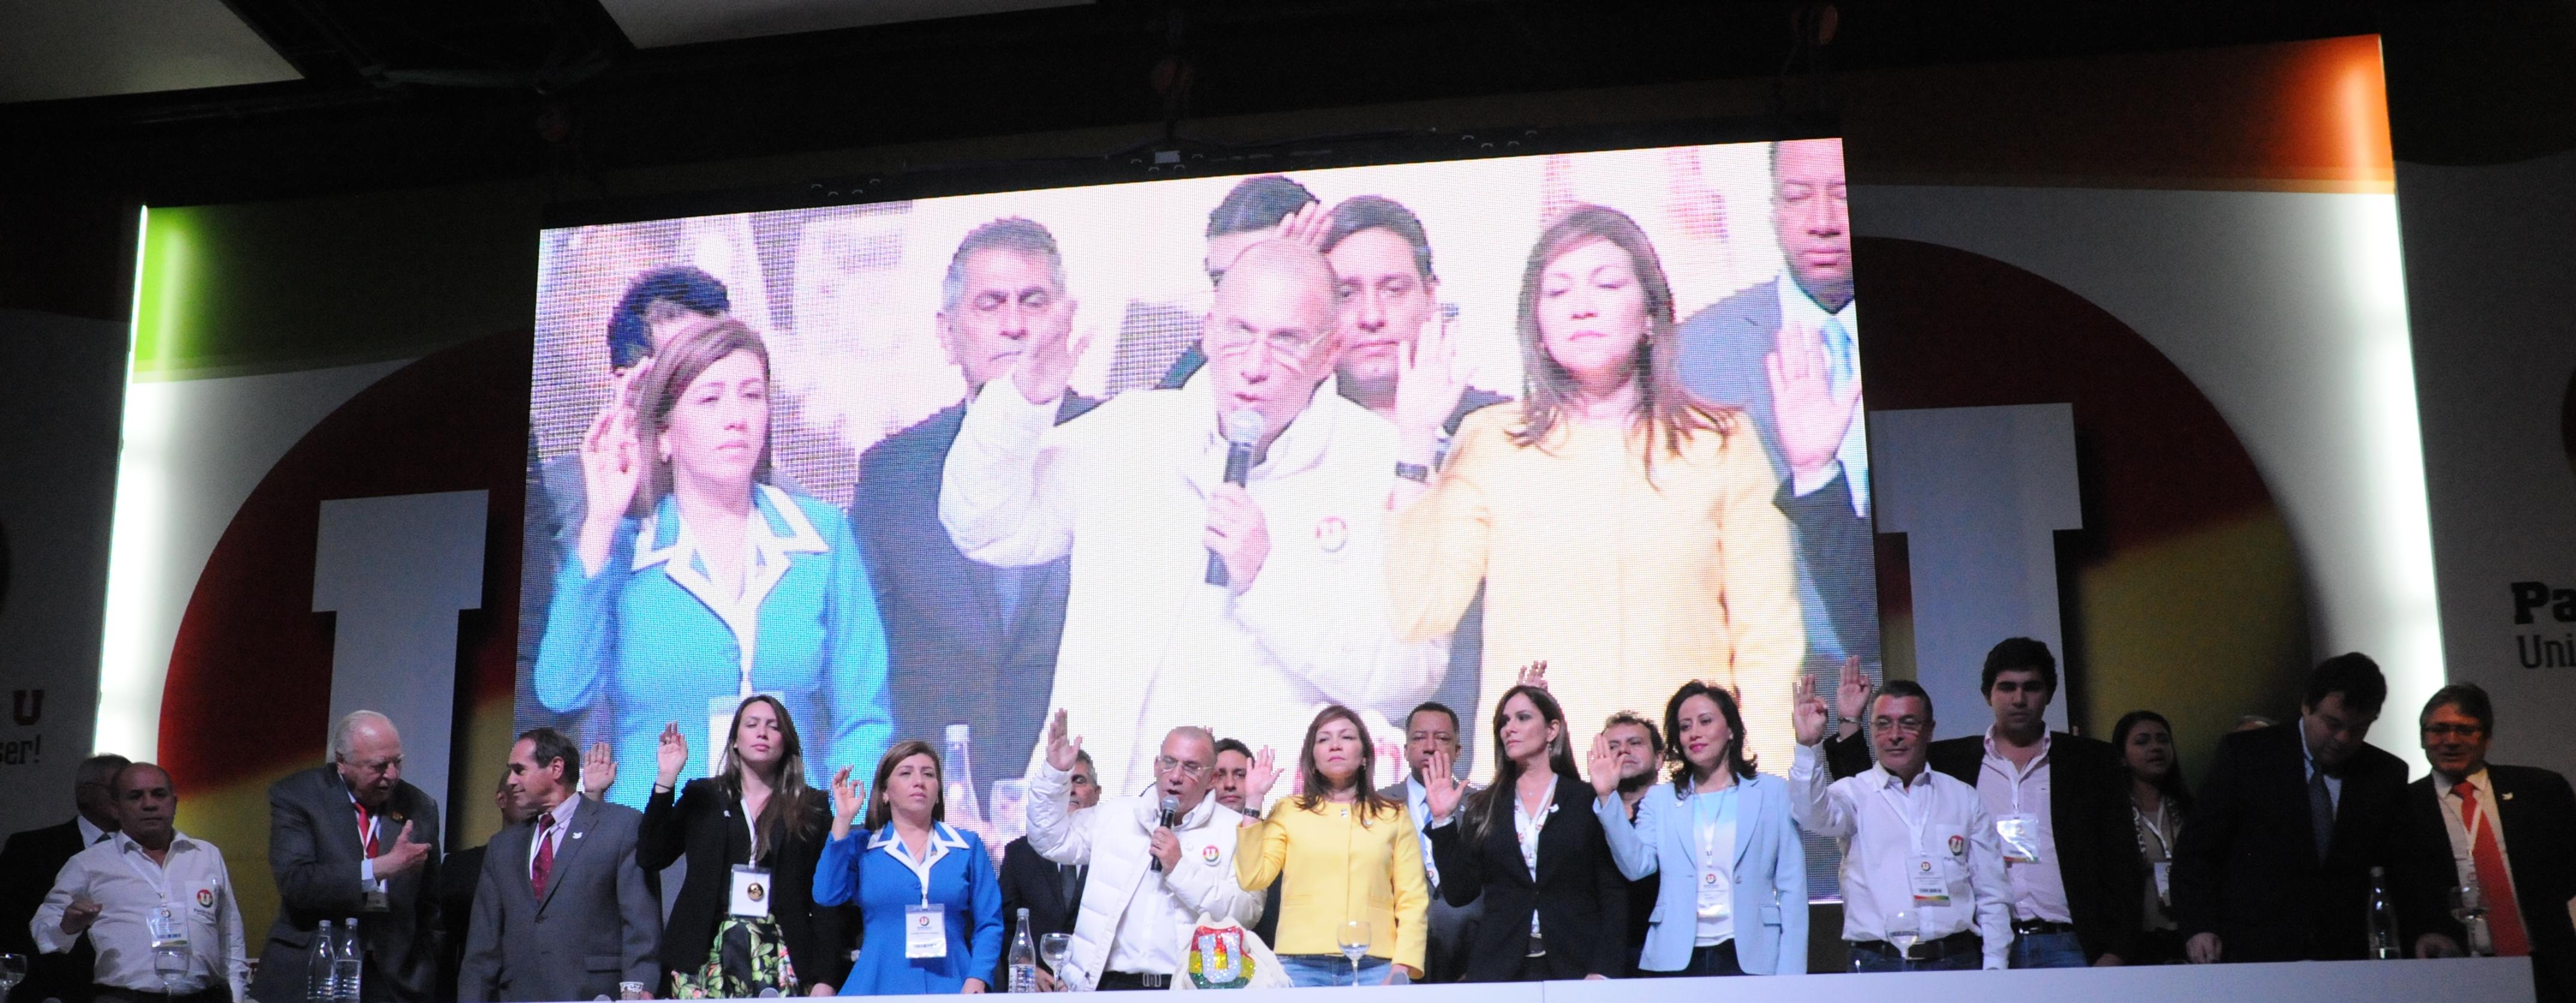 Lucy Contento ratificada en la dirección alterna del partido de la U